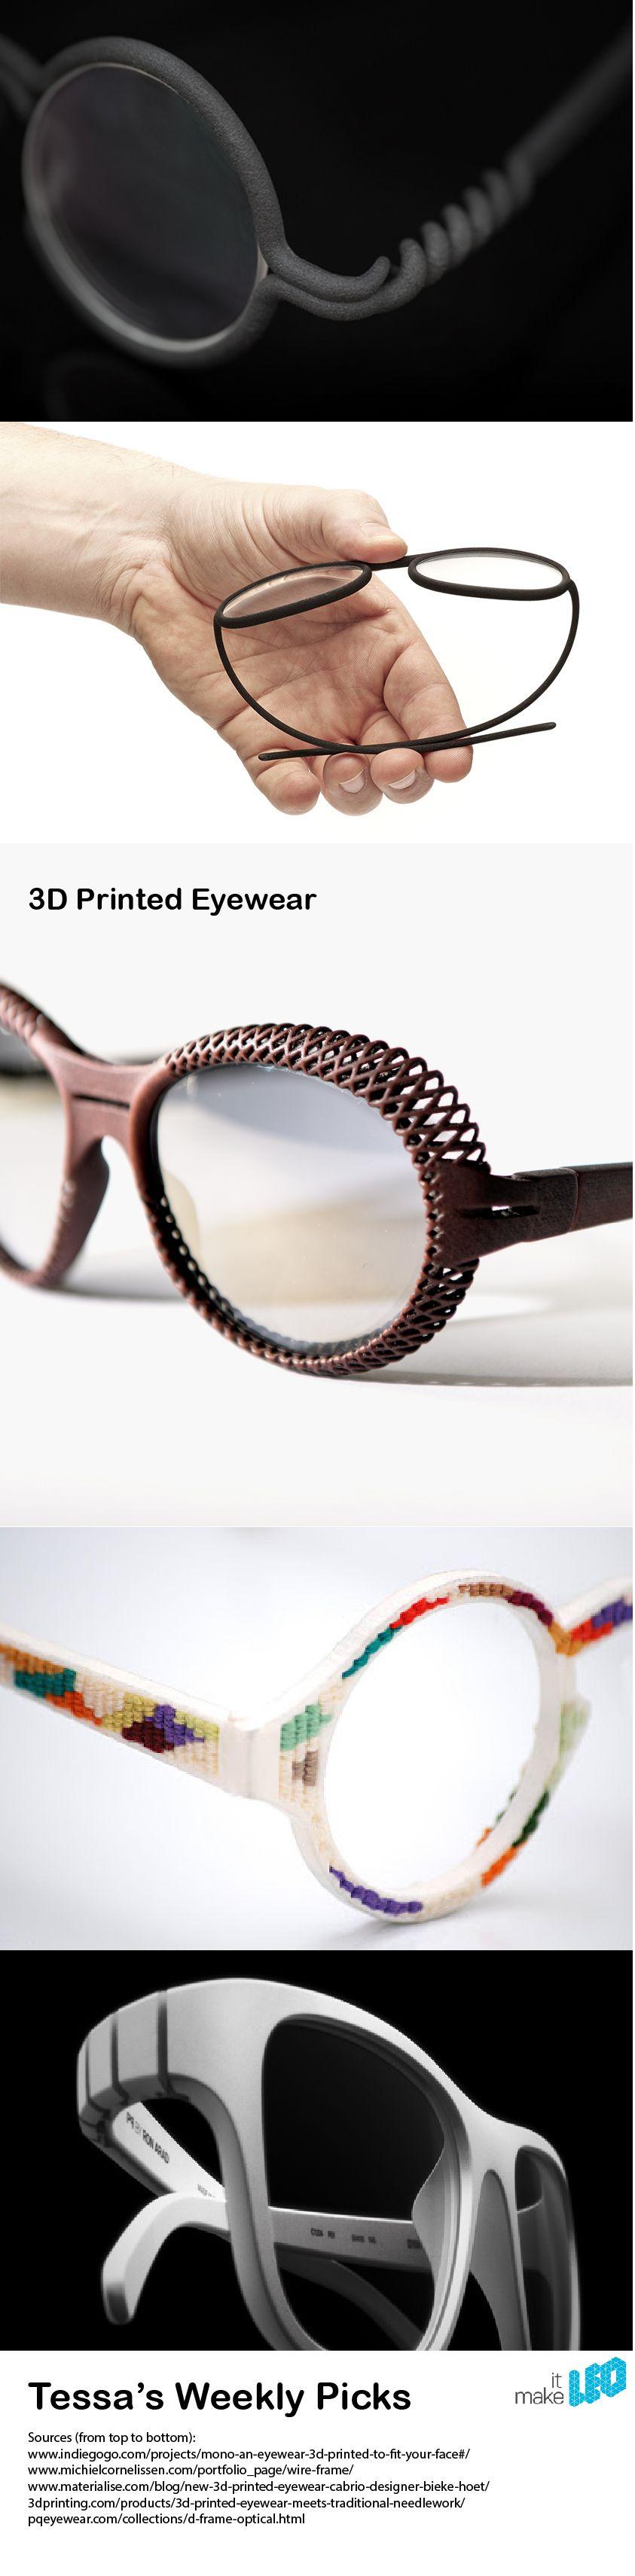 3D Printed Eyewear Designs - Tessa's Weekly Picks